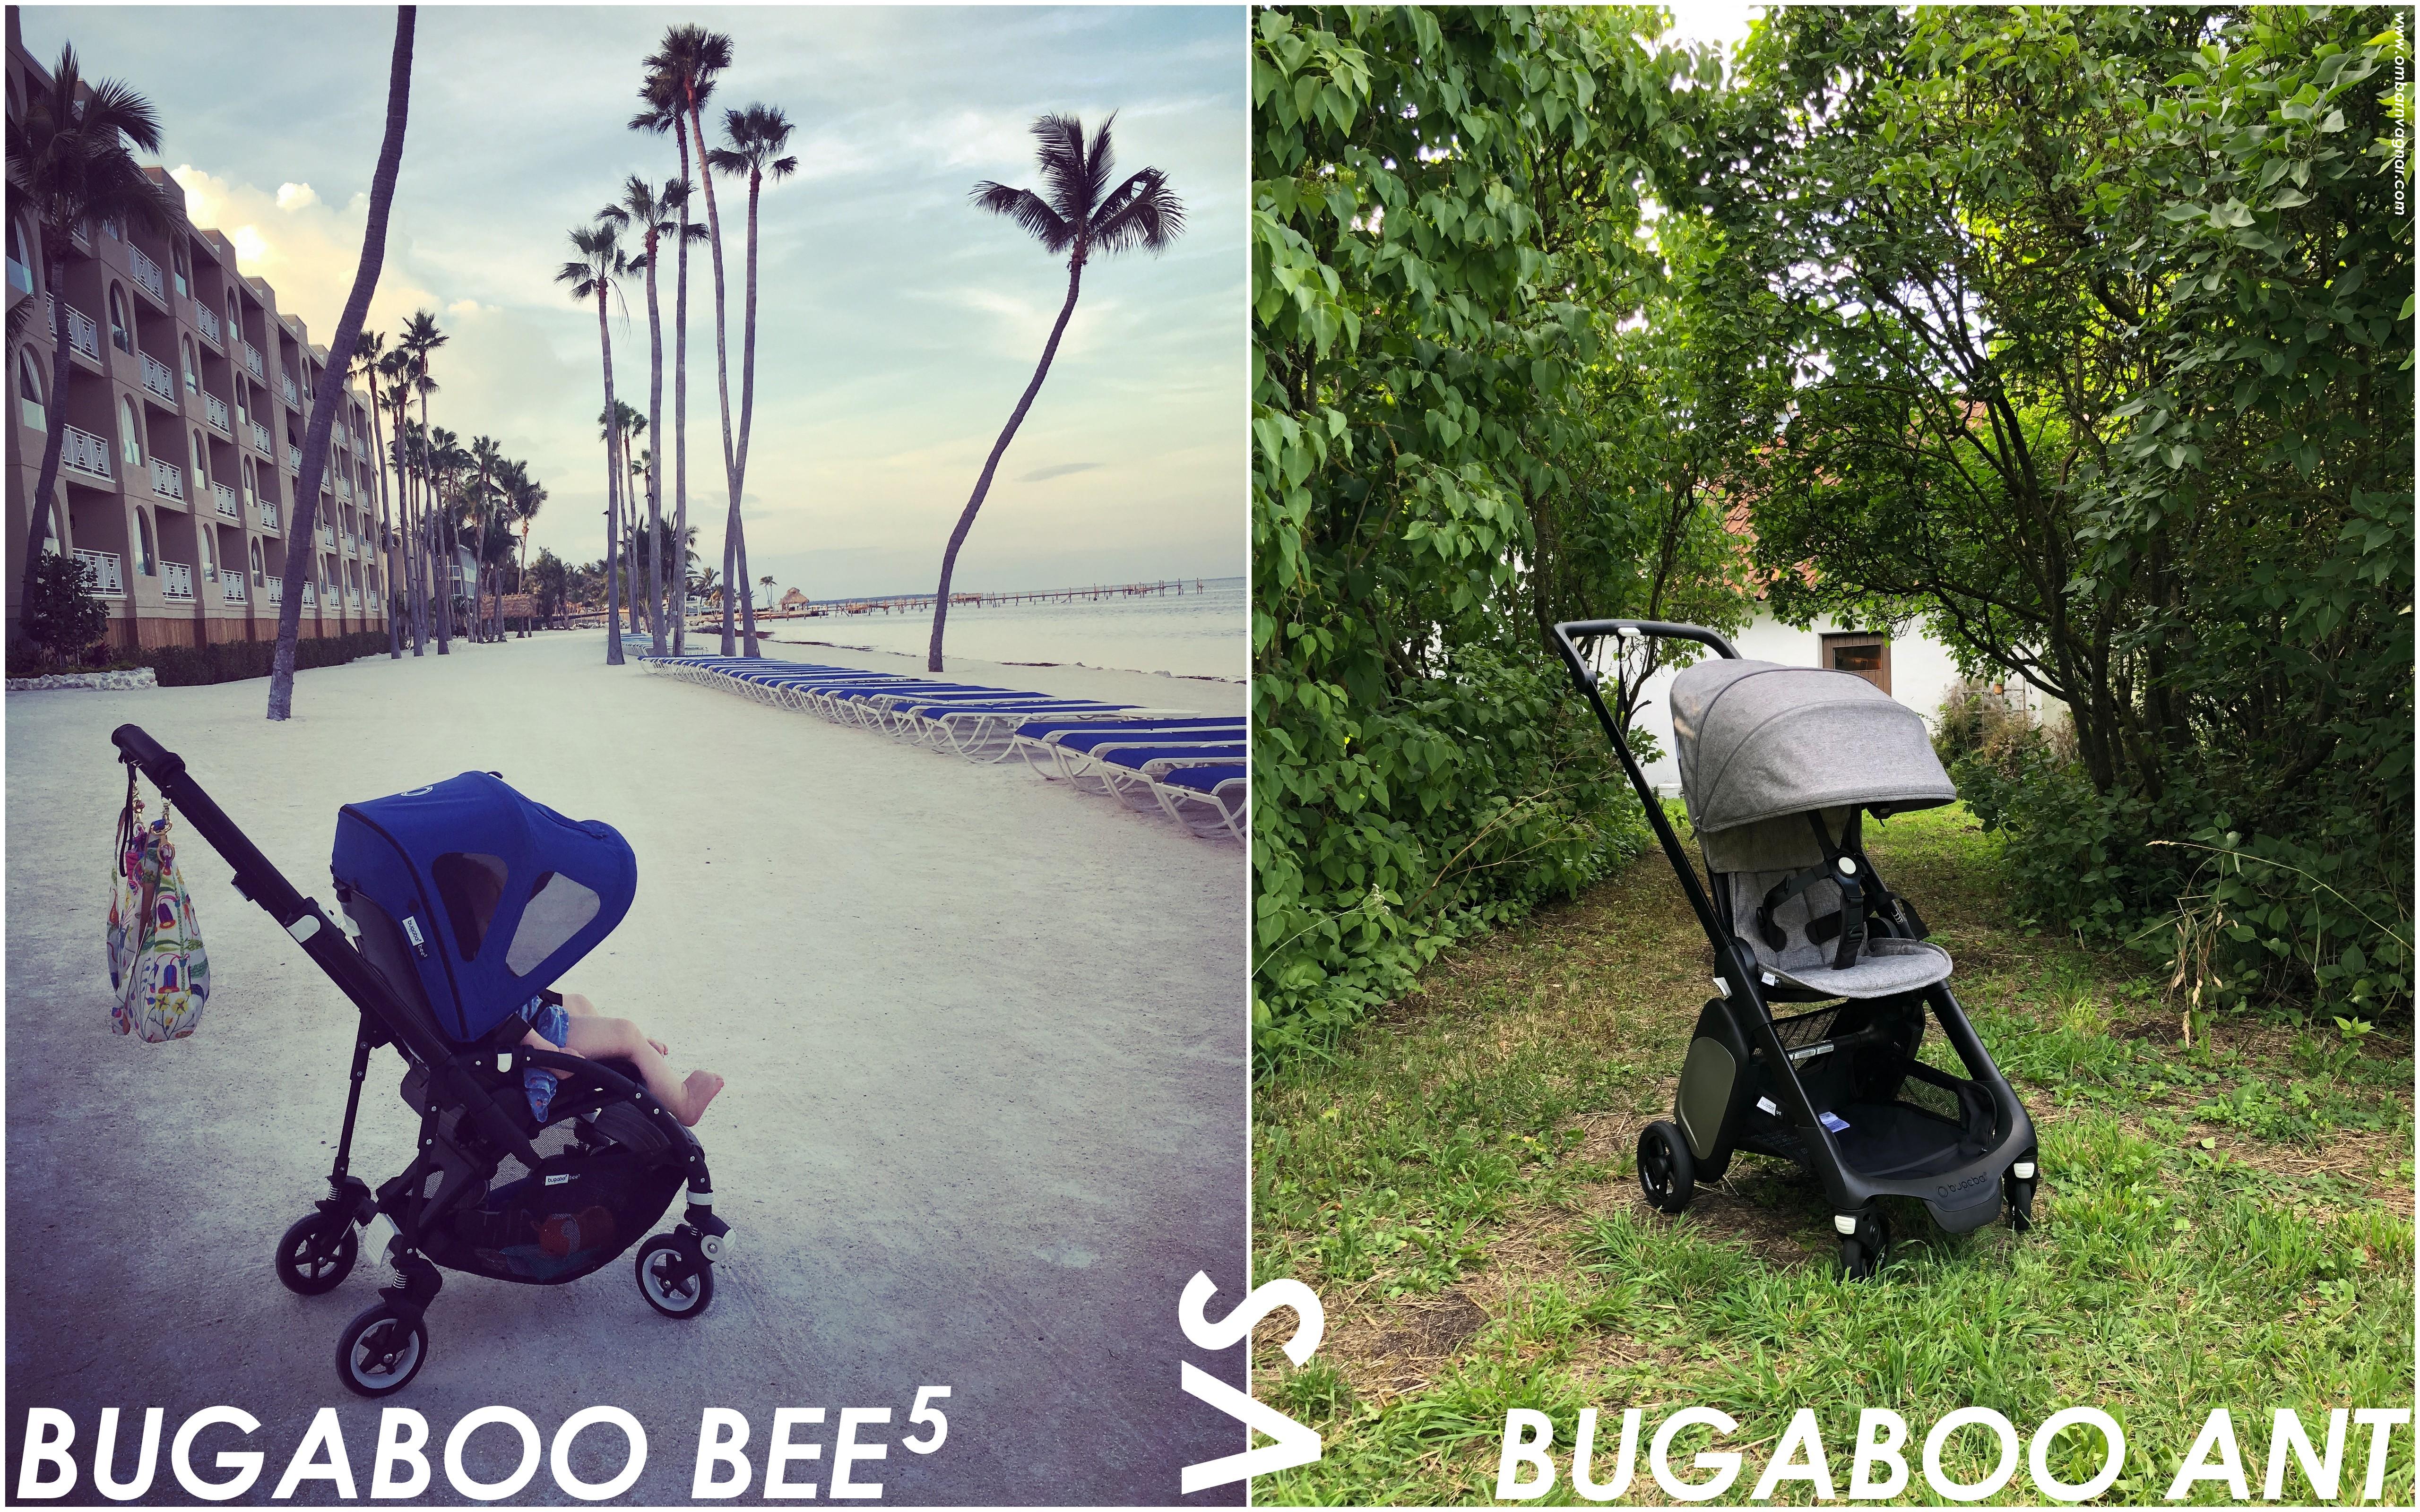 Bugaboo Ant eller Bugaboo Bee5 - jämförelse mellan Bee och Ant